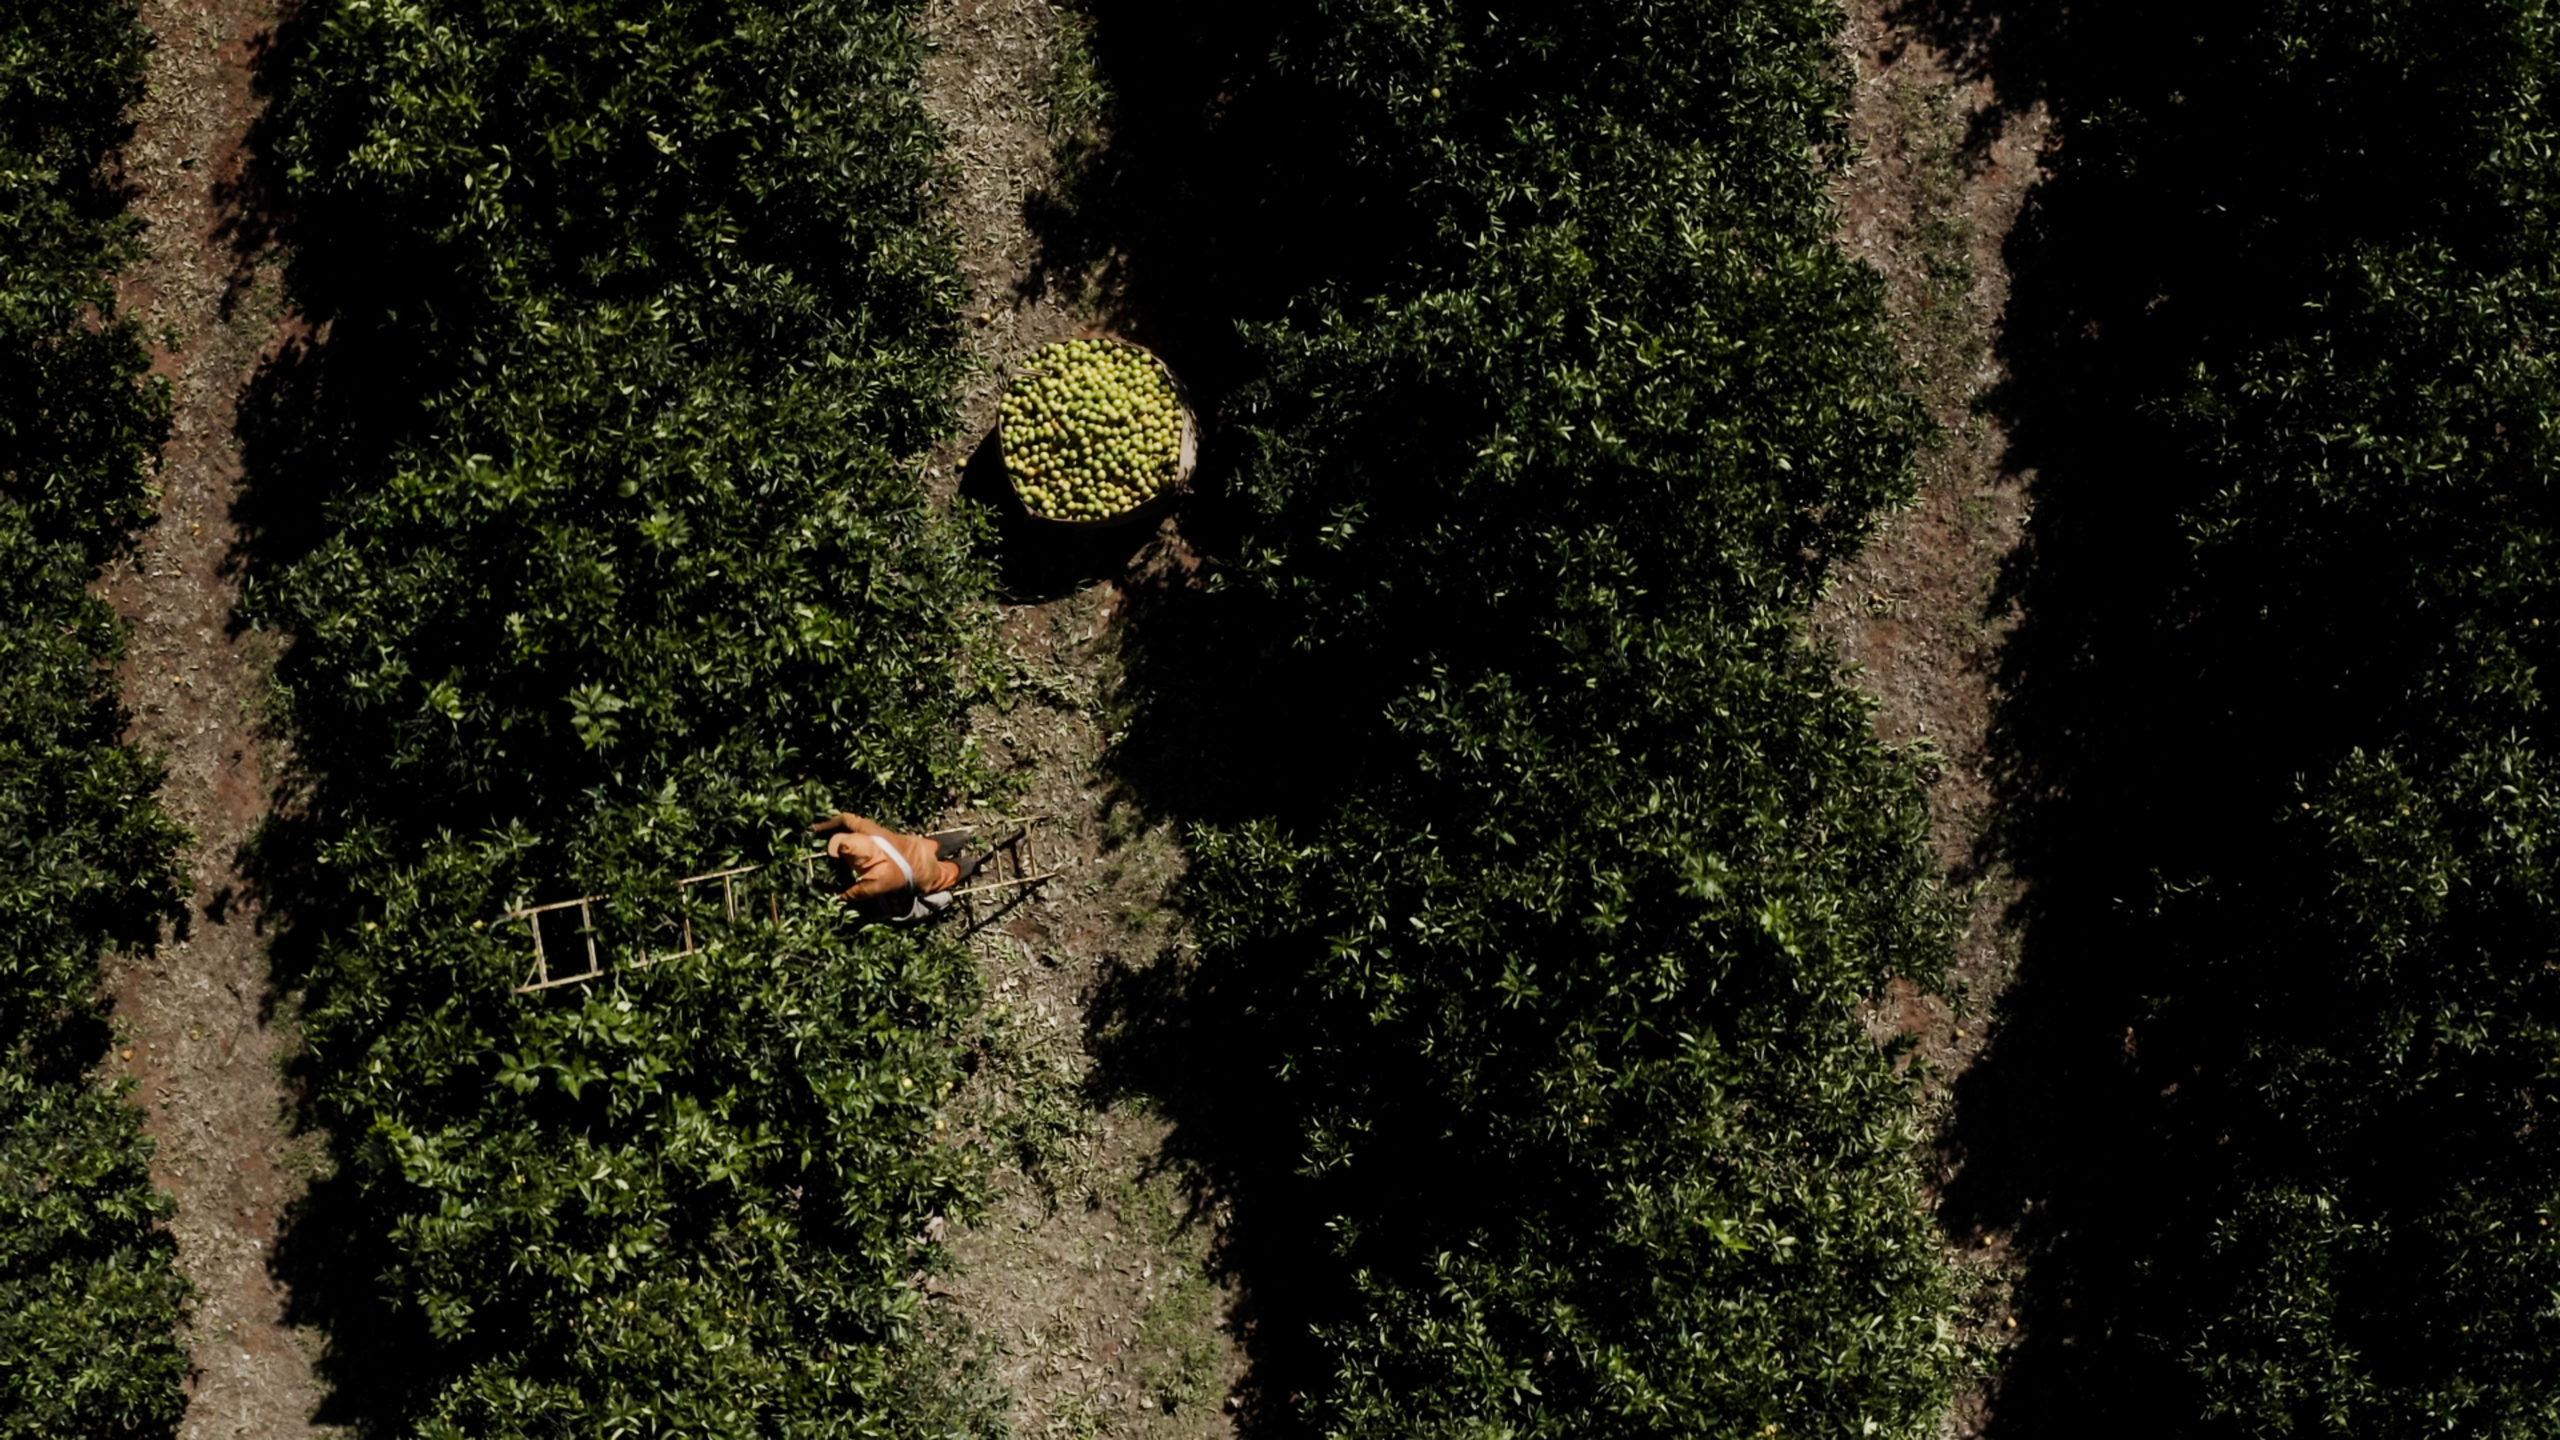 Arbeiter beim Orangenpflücken auf einer Plantage in São Paulo